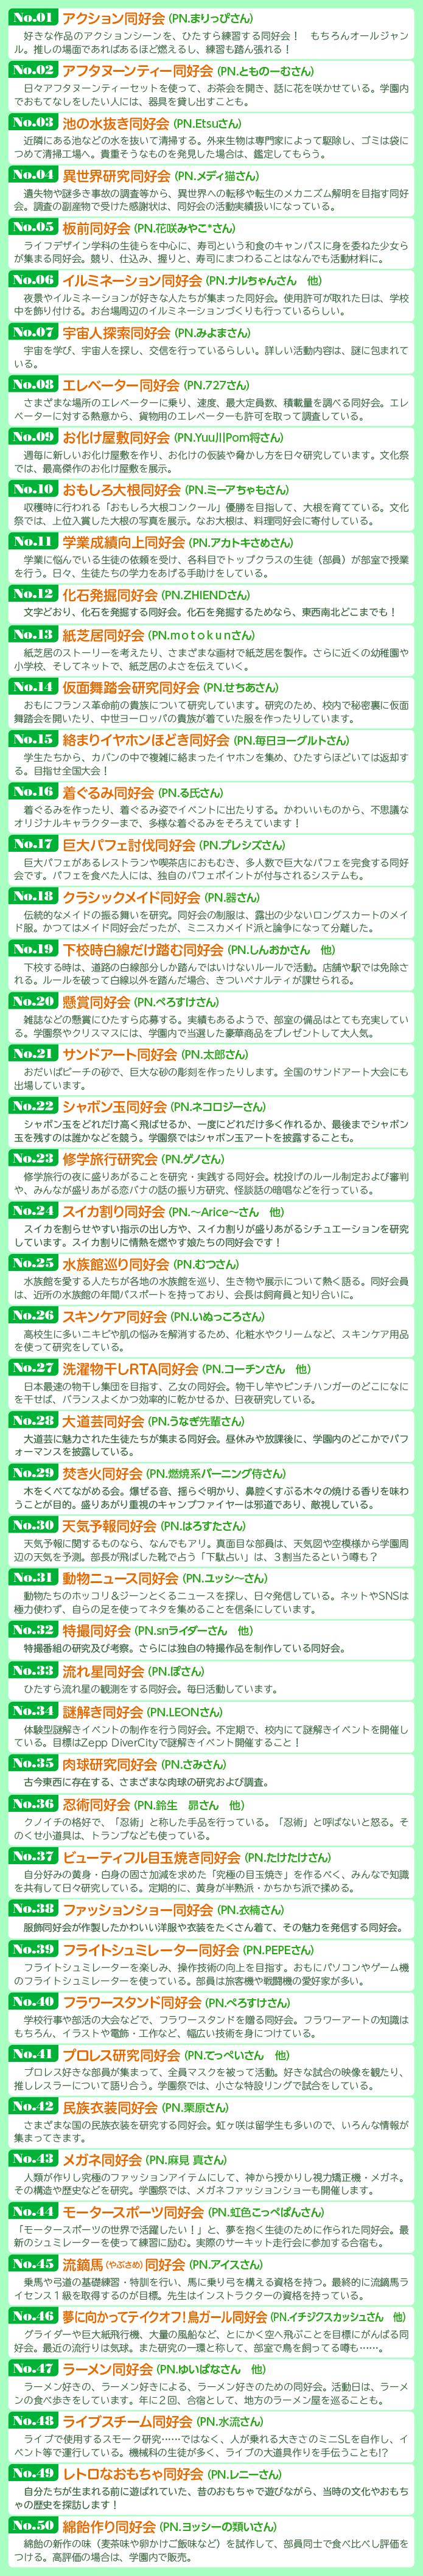 nijimishihake_banner2